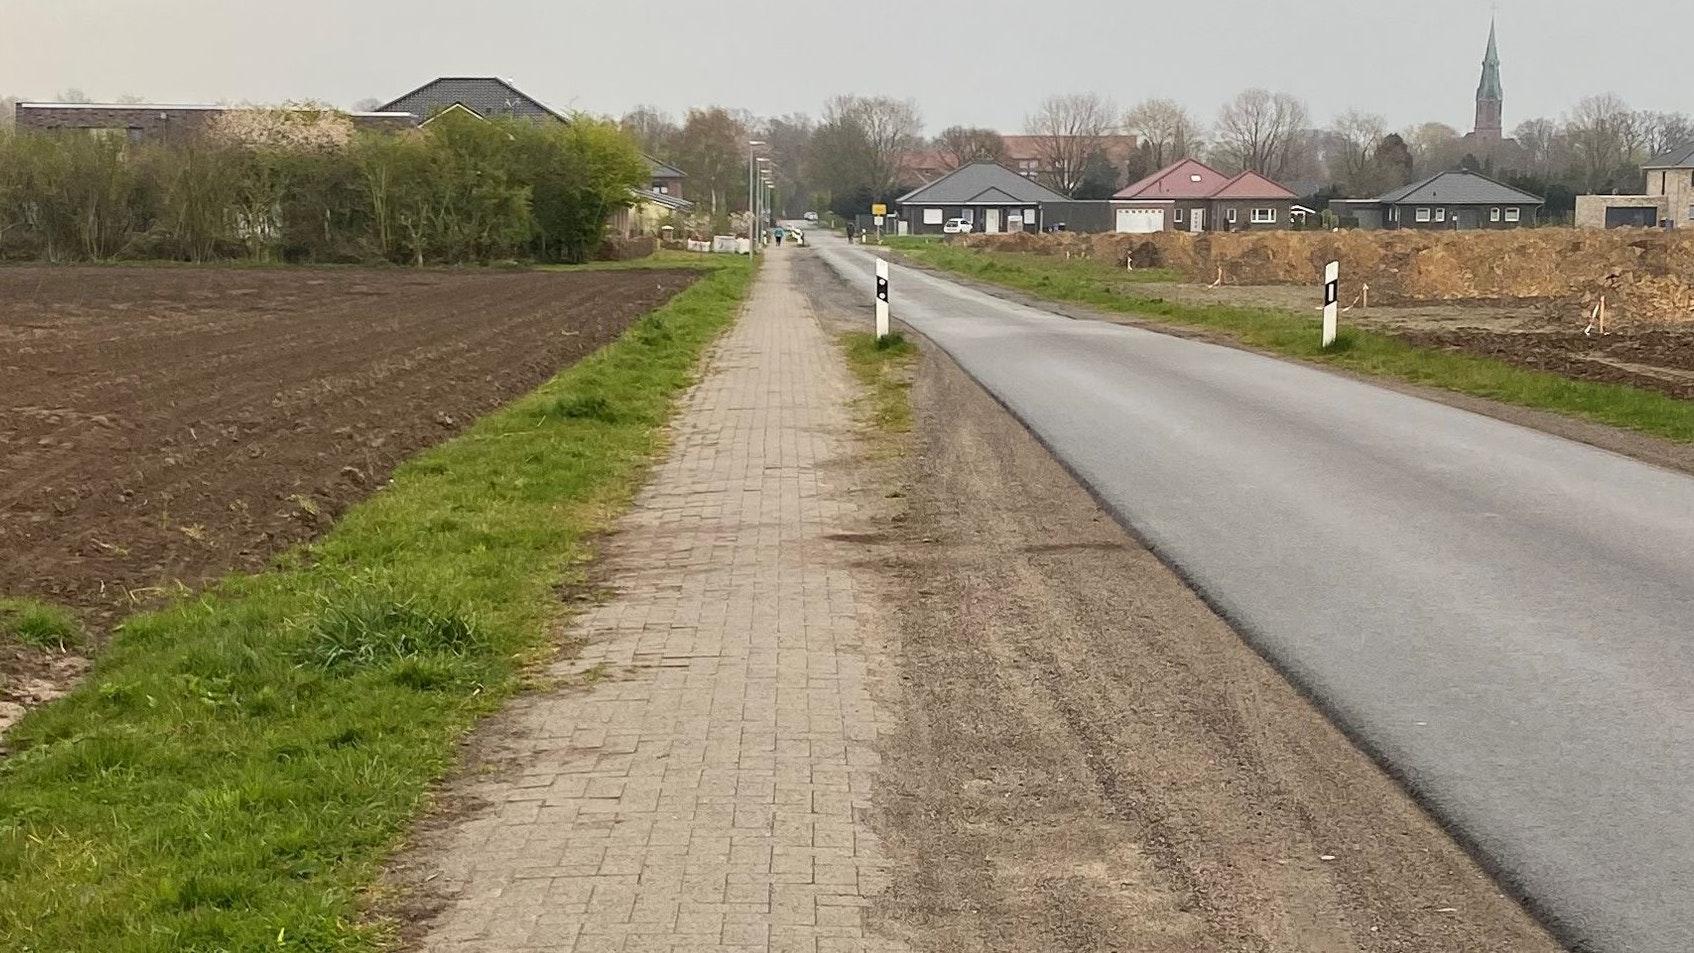 Weist hohe Schäden auf: Der Gehweg entlang des Erlter Esch wird erneuert und ausgebaut. Foto: Gemeinde Visbek/Kühling